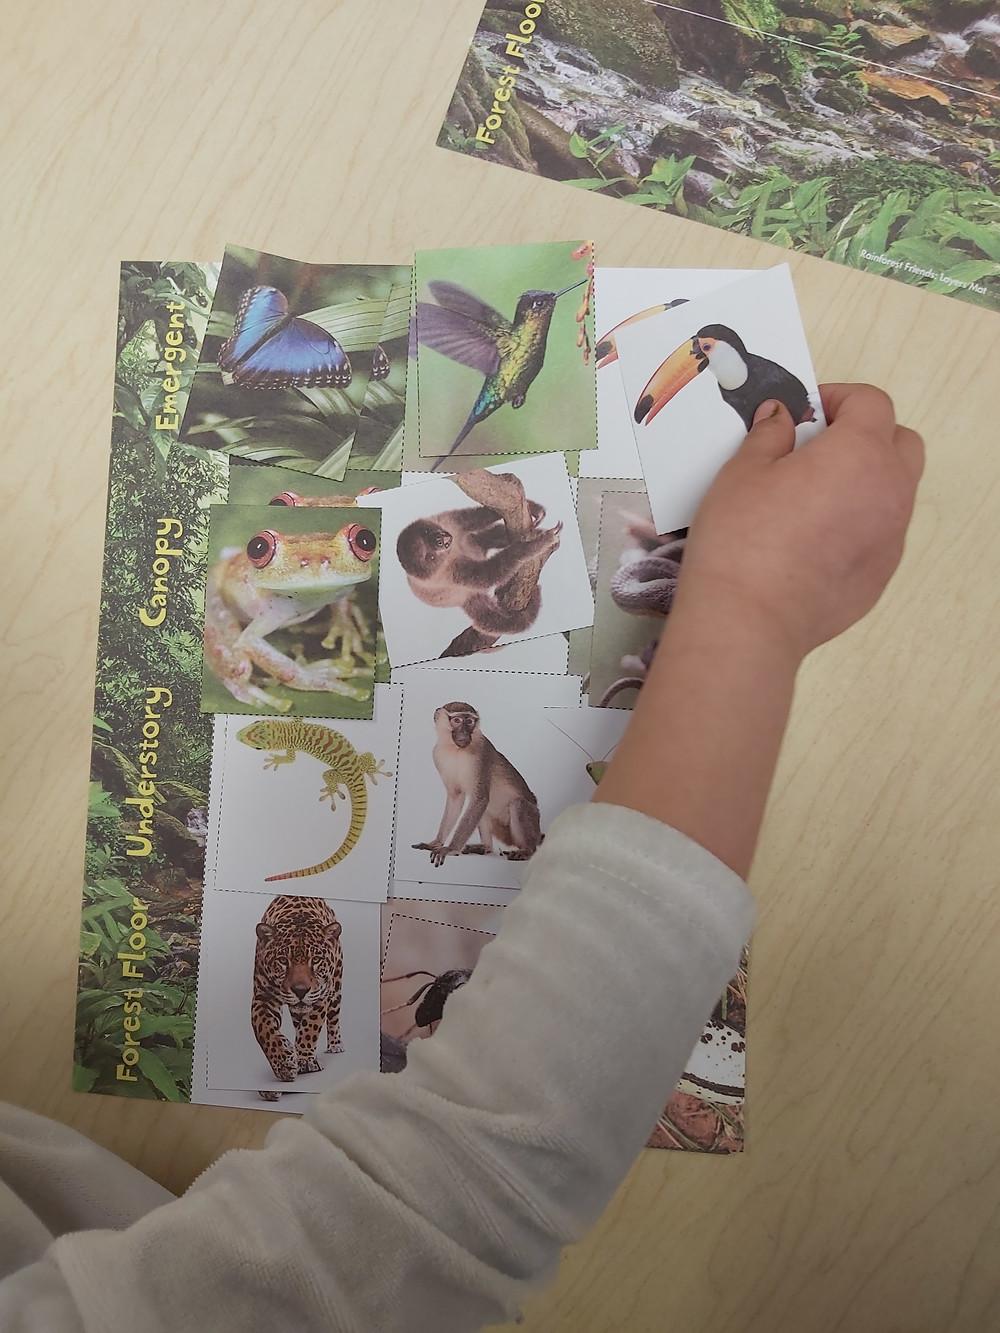 preschooler placing bird card on rainforest layers gameboard